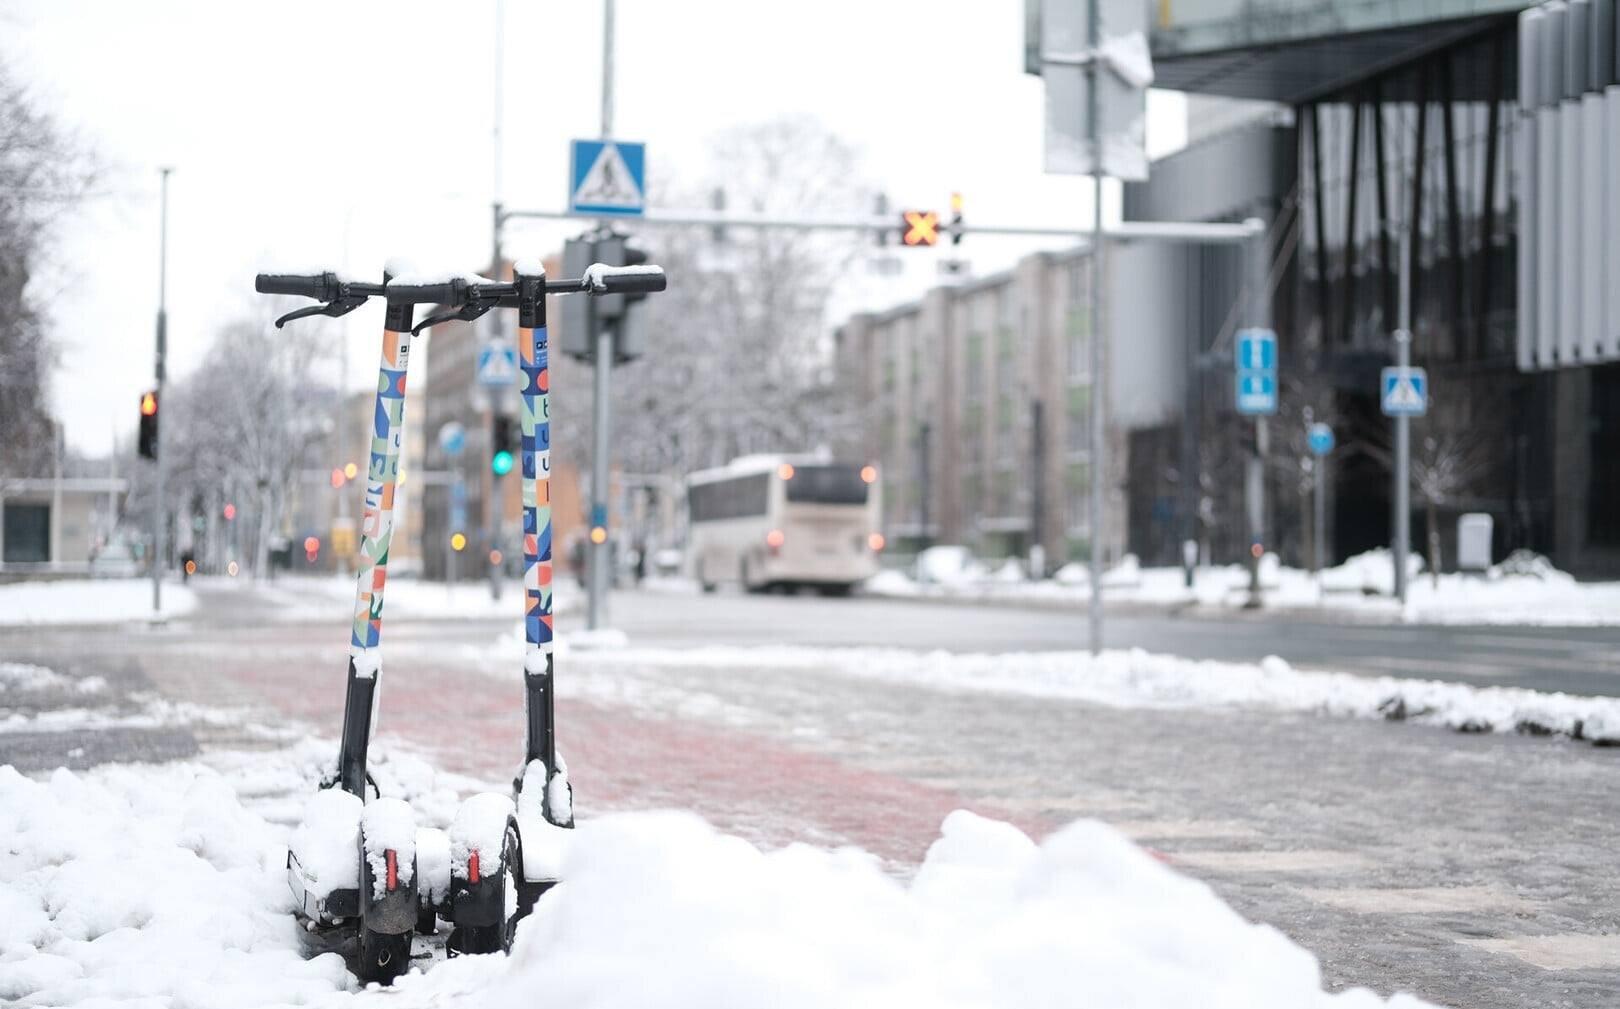 ERR: Elektritõukerattad on sel talvel lumistel tänavatel